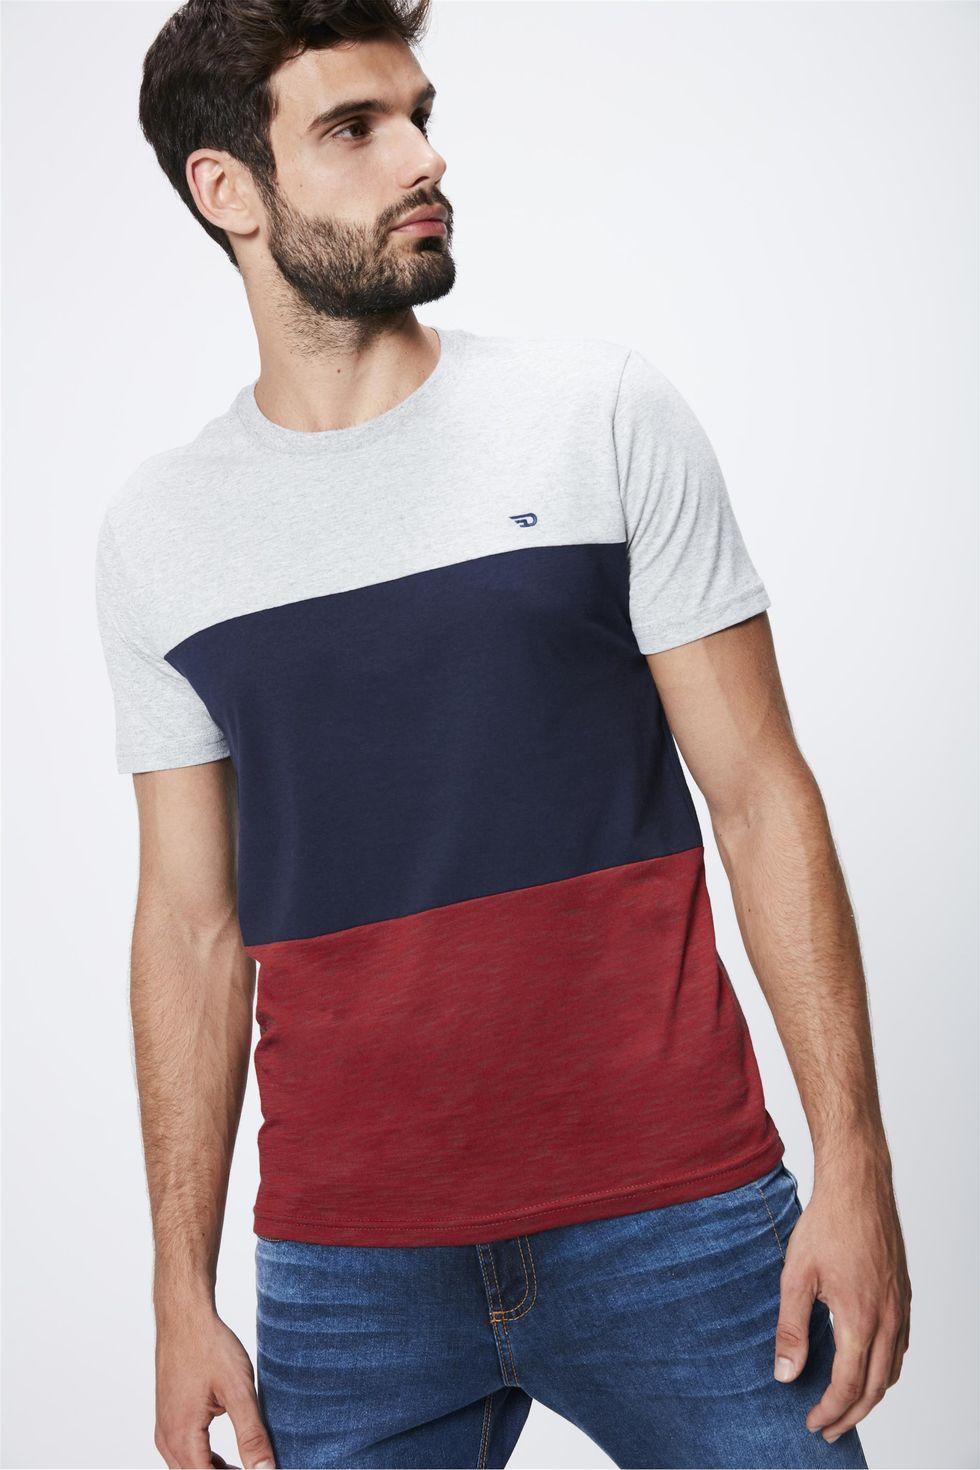 Camiseta-Colorida-Masculina-Frente--